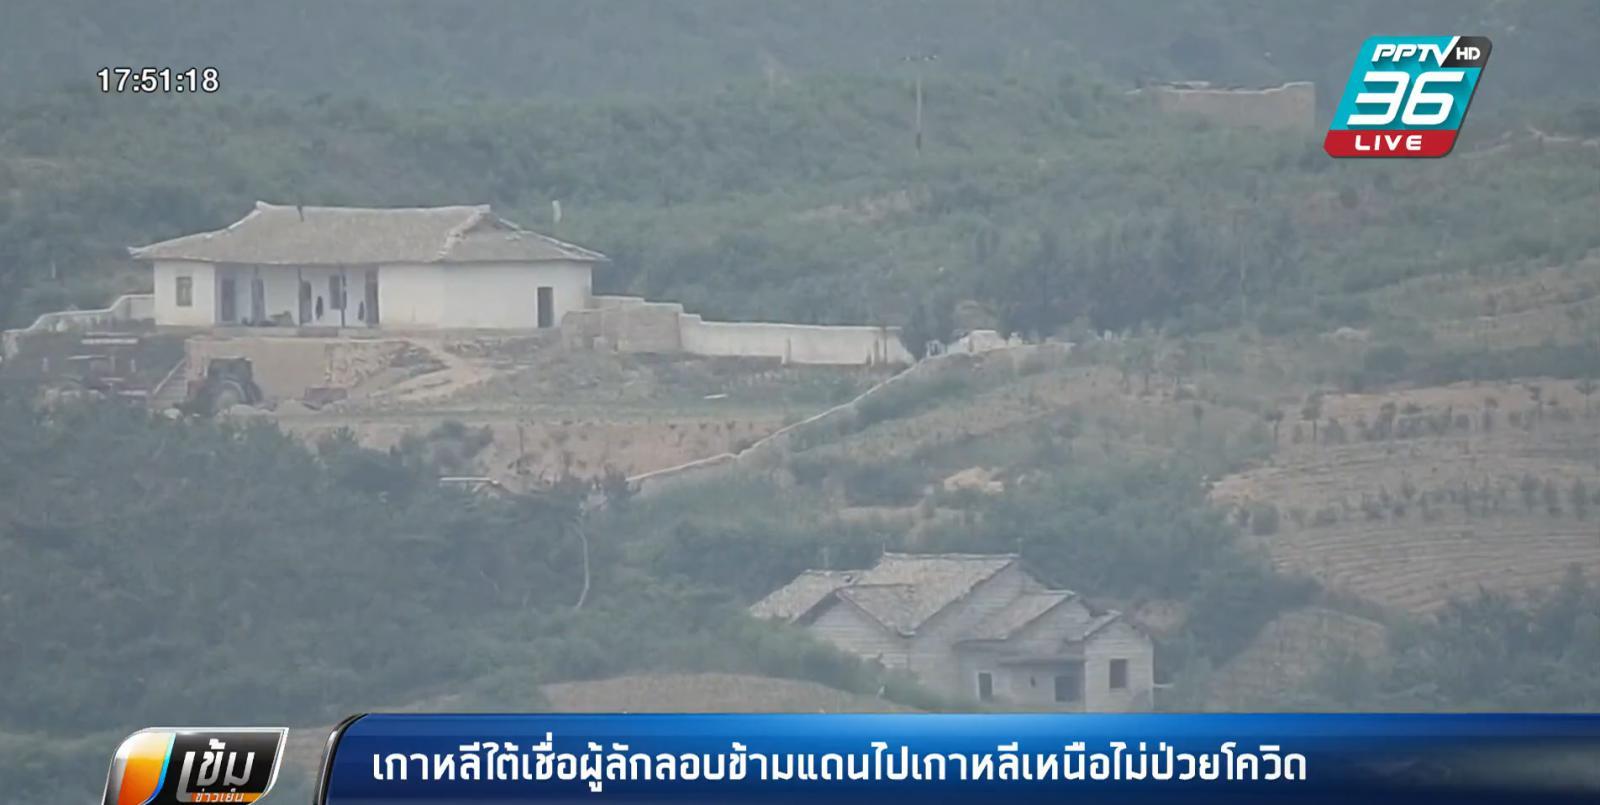 เกาหลีใต้ เชื่อผู้ลักลอบข้ามแดนไปเกาหลีเหนือไม่ป่วย โควิด-19